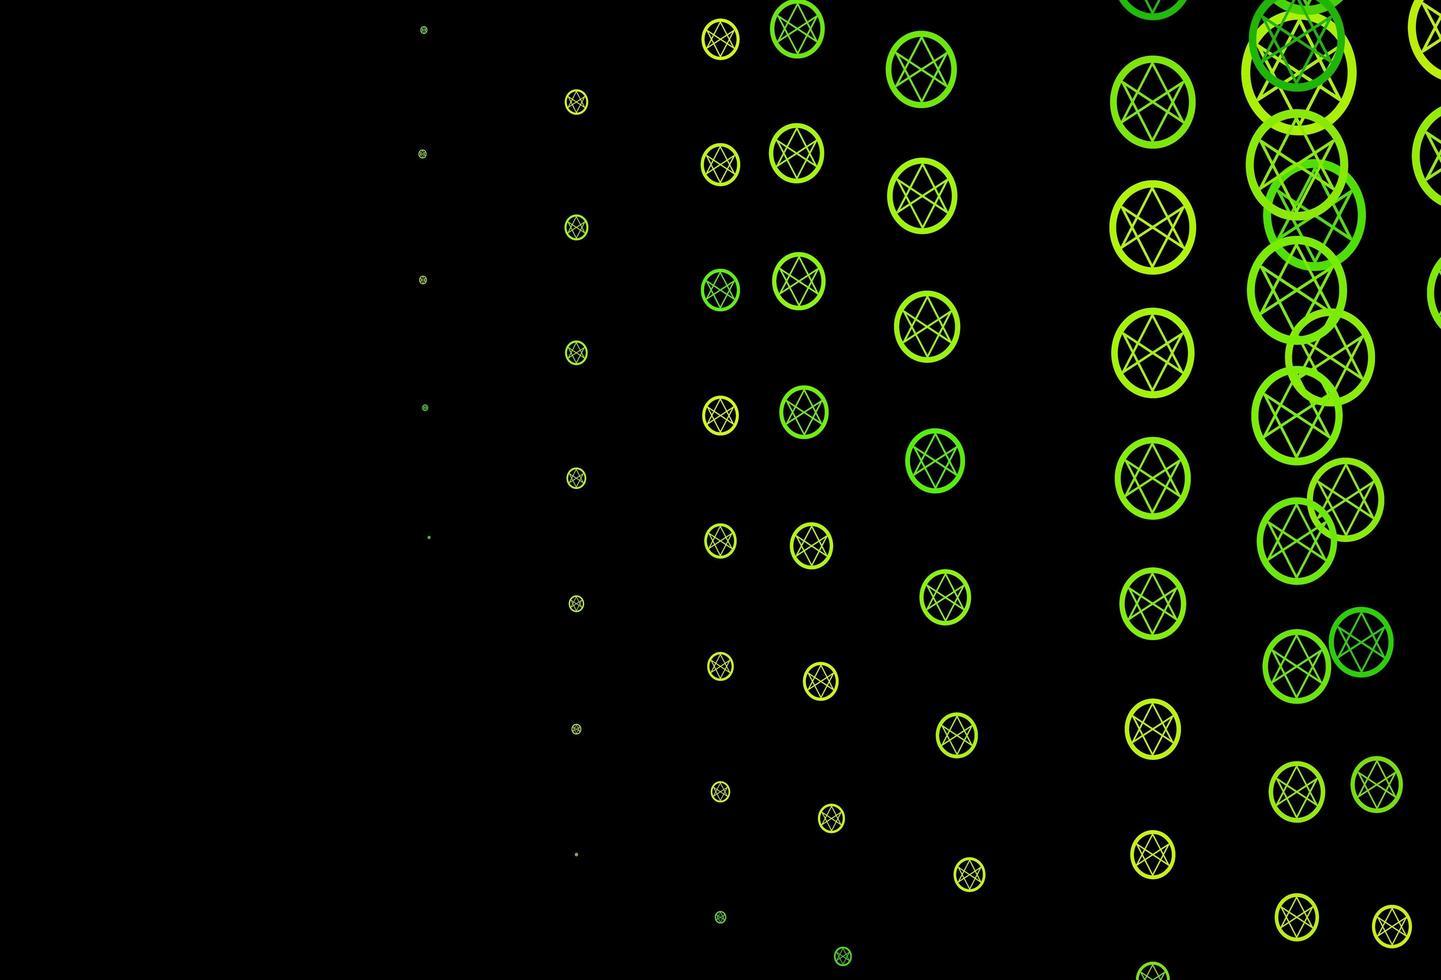 dunkelgrünes, gelbes Vektormuster mit magischen Elementen. vektor